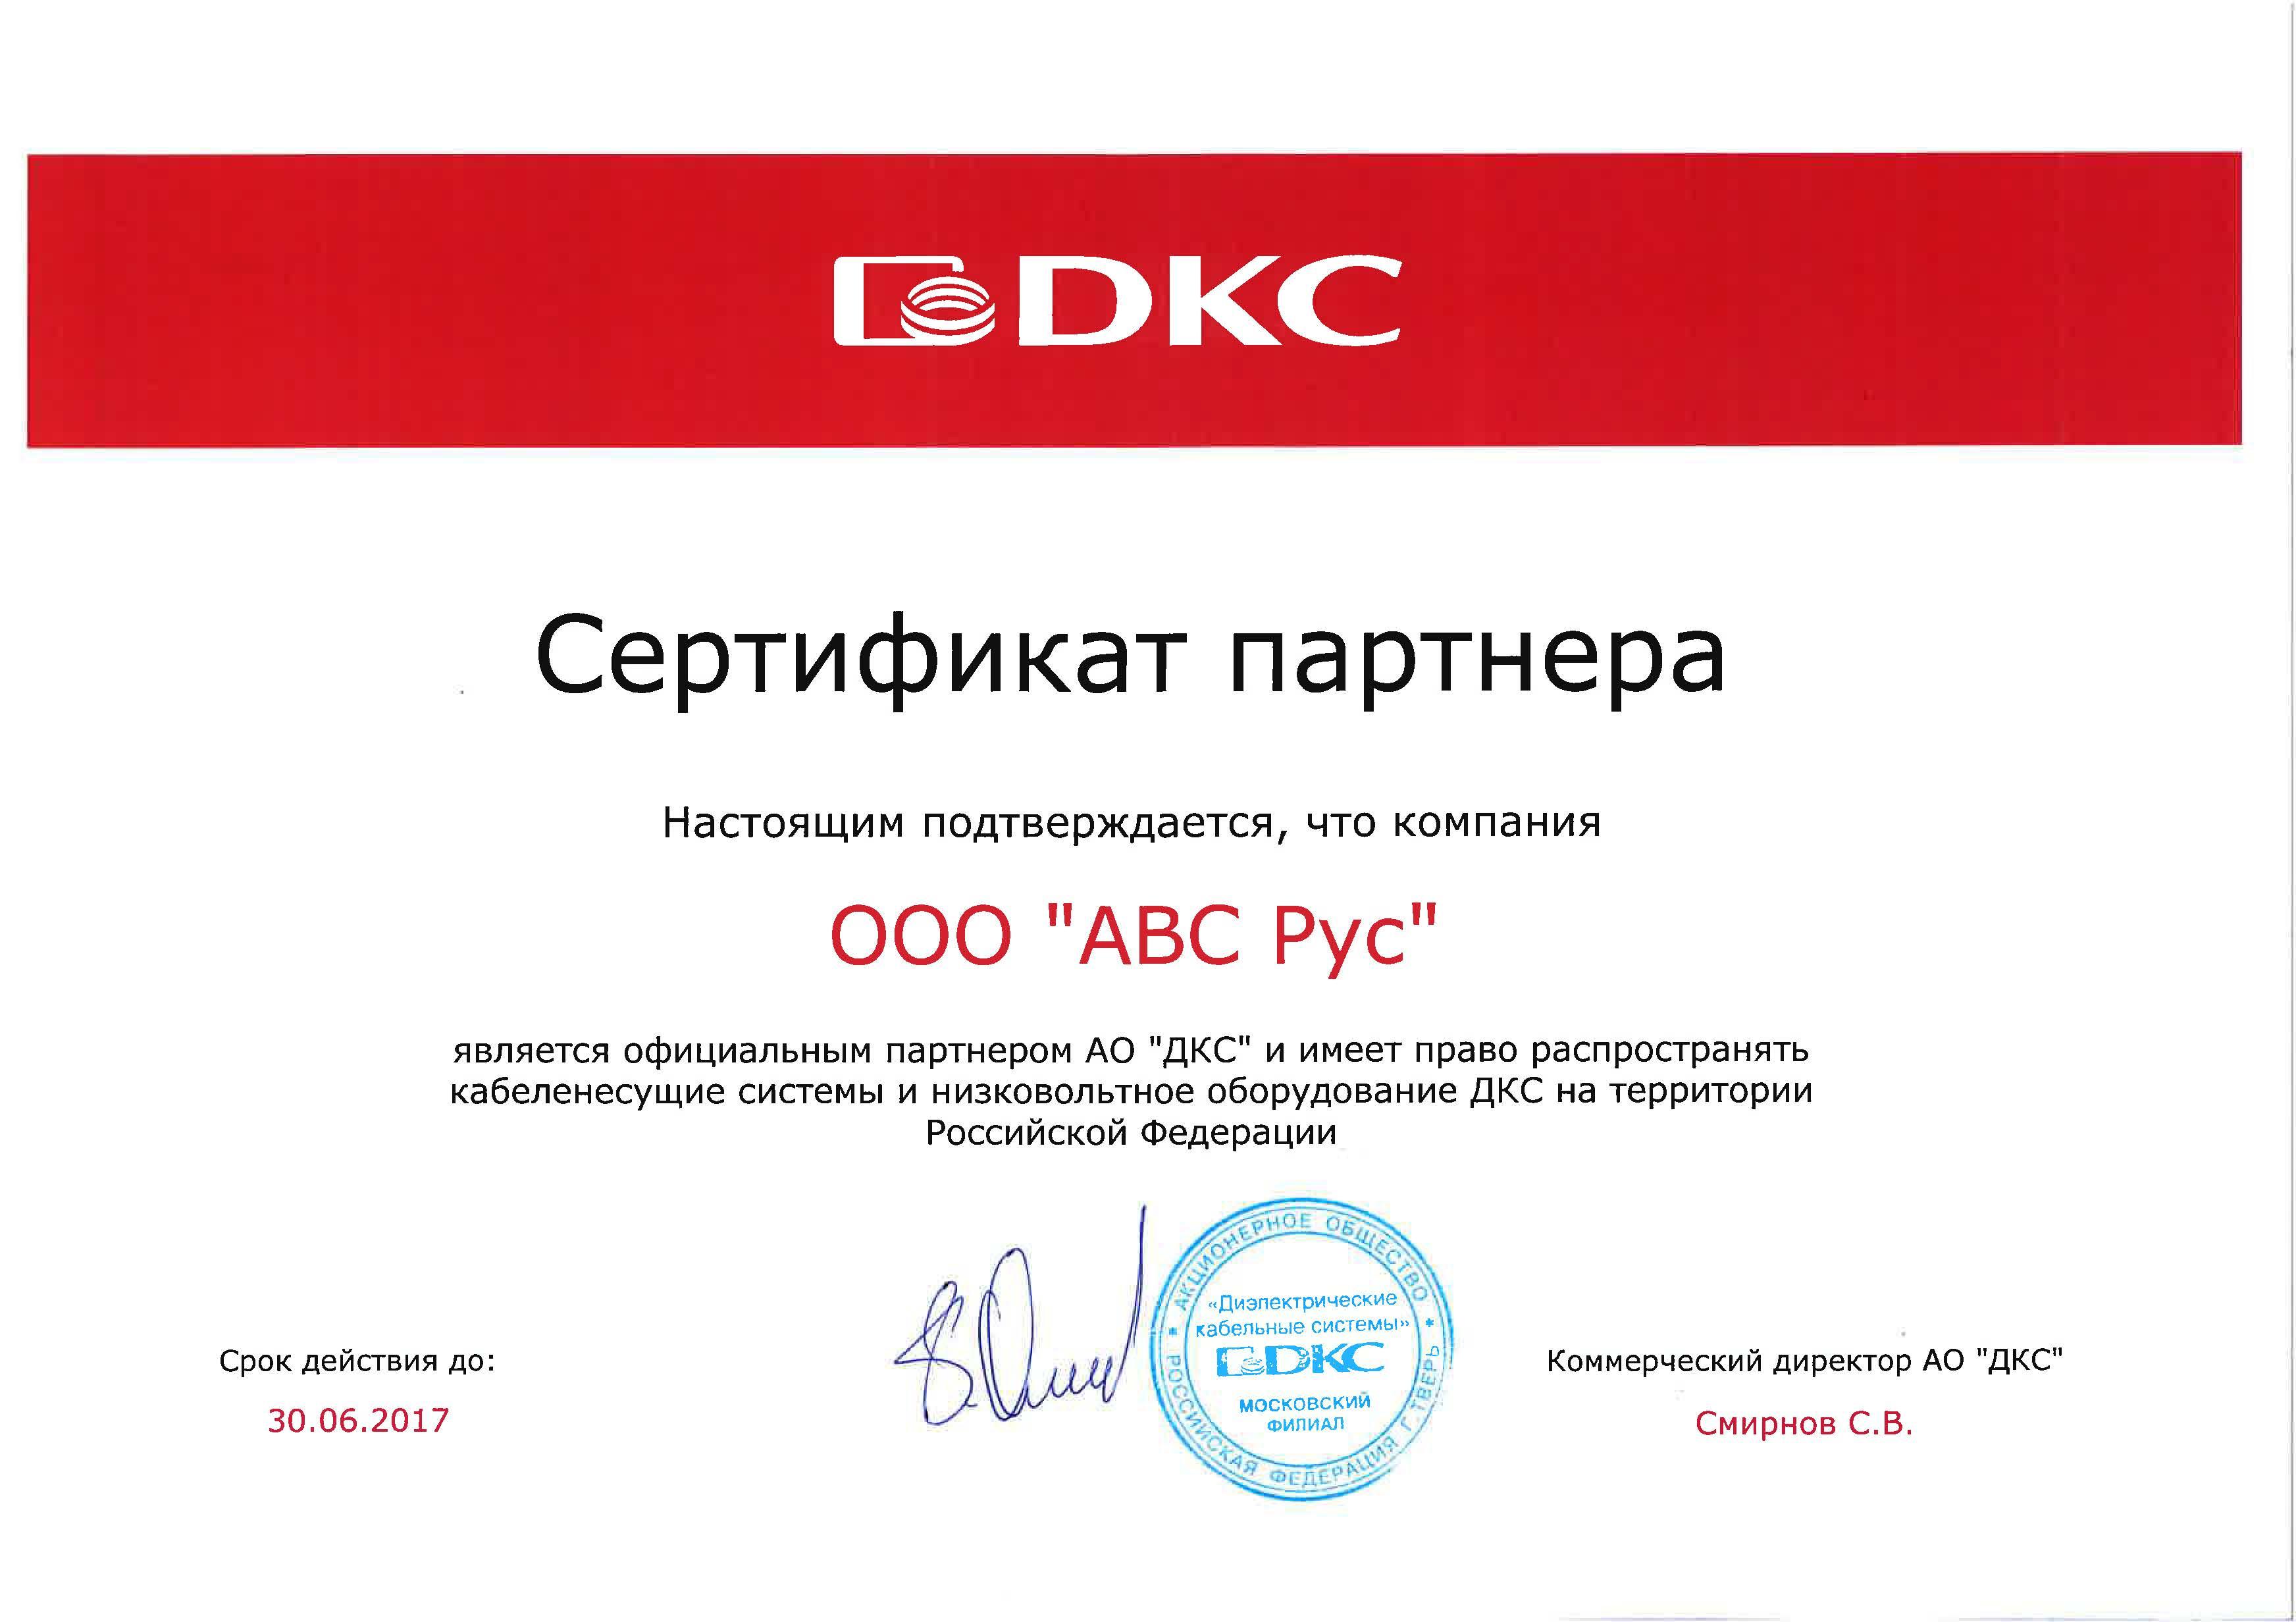 Сертификат дистрибьютора DKC